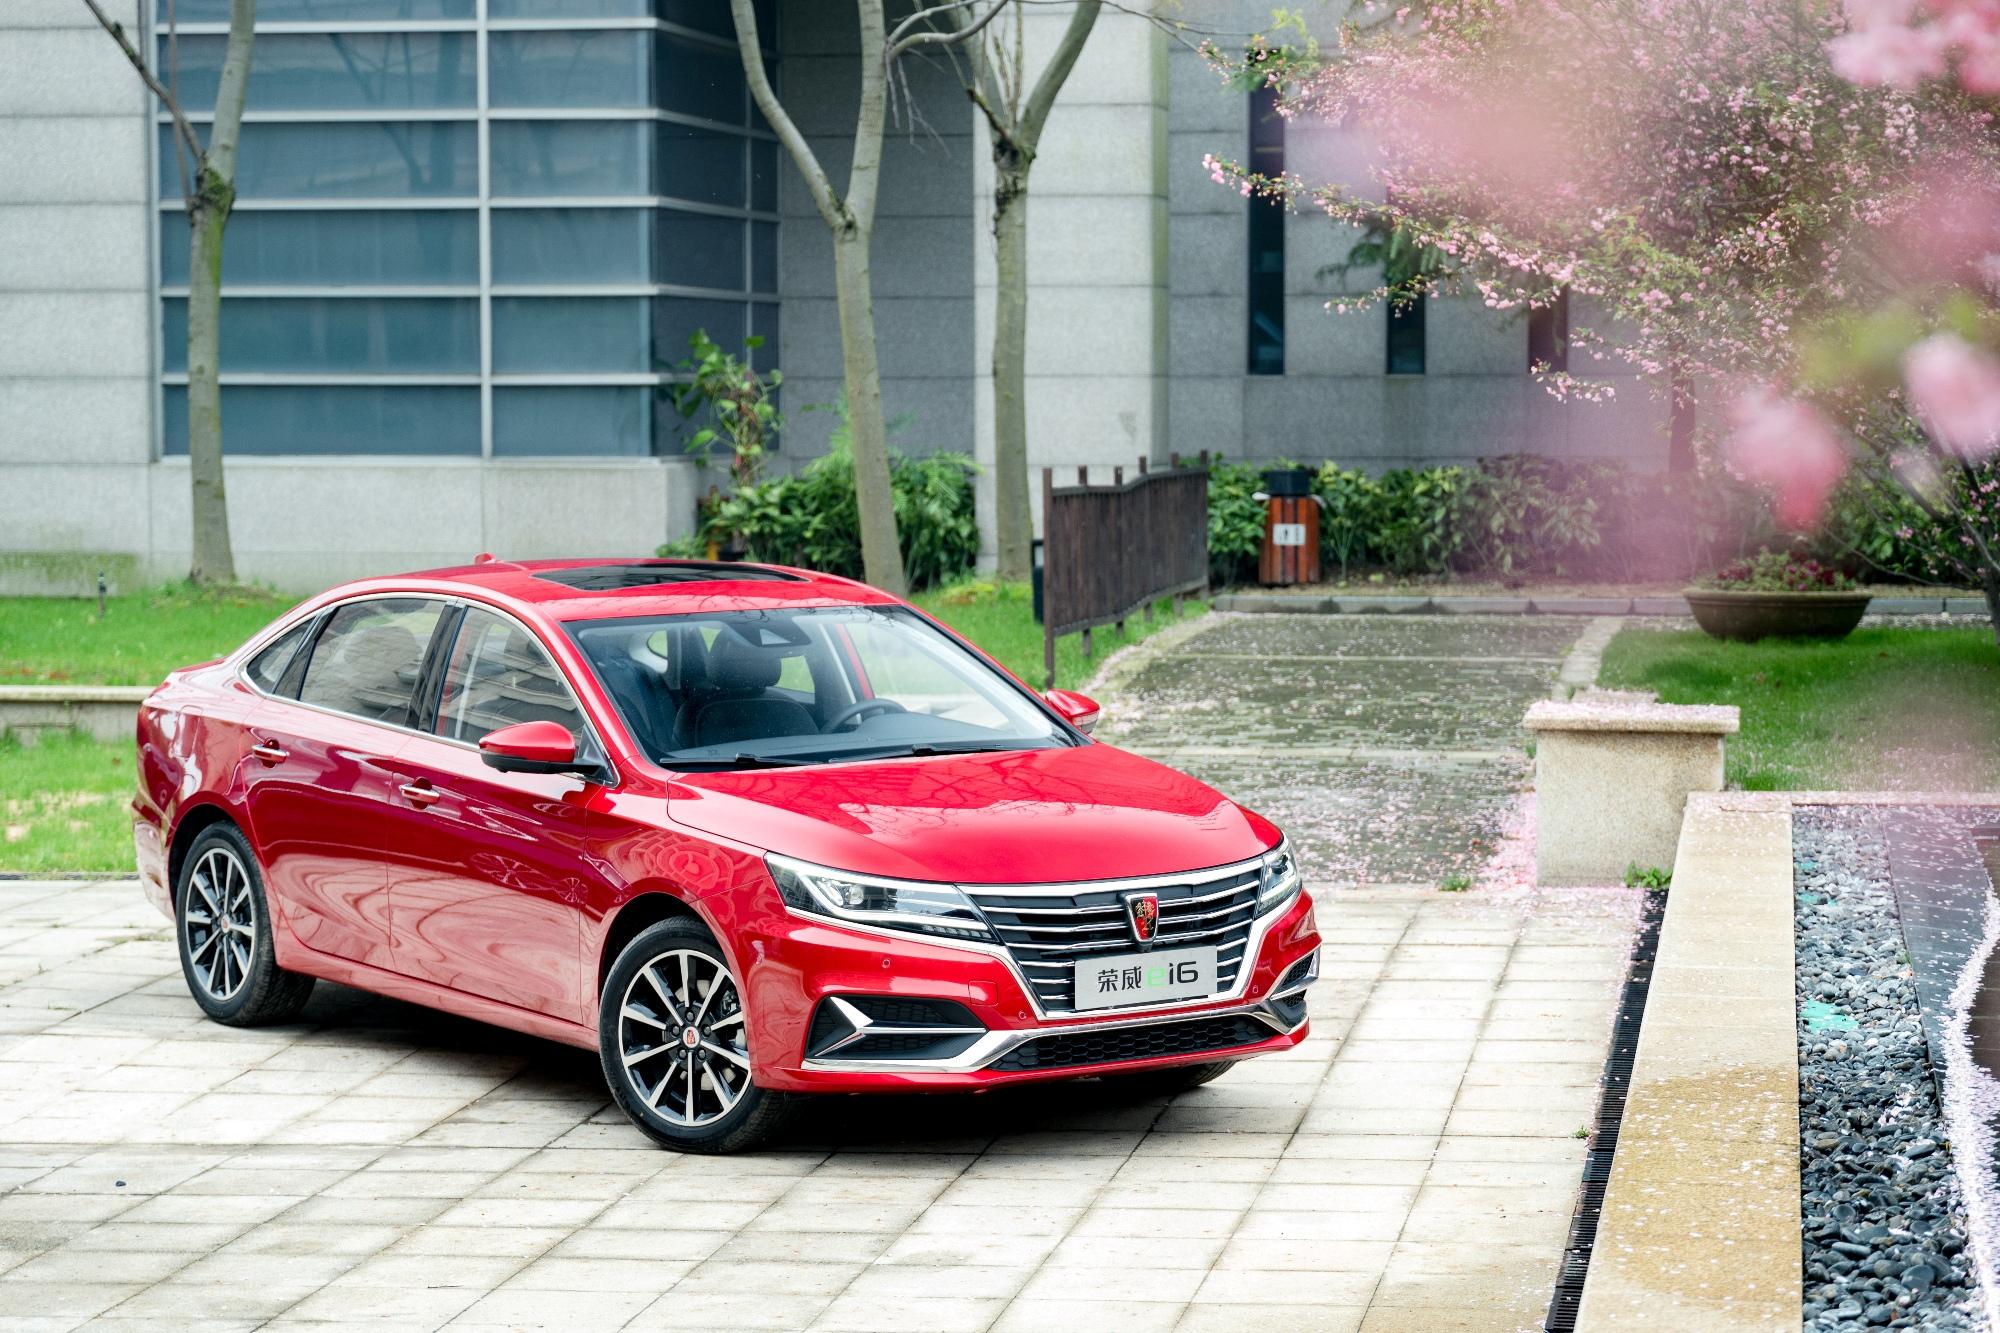 荣威ei6将推3款车型 补贴后价格不超过20万